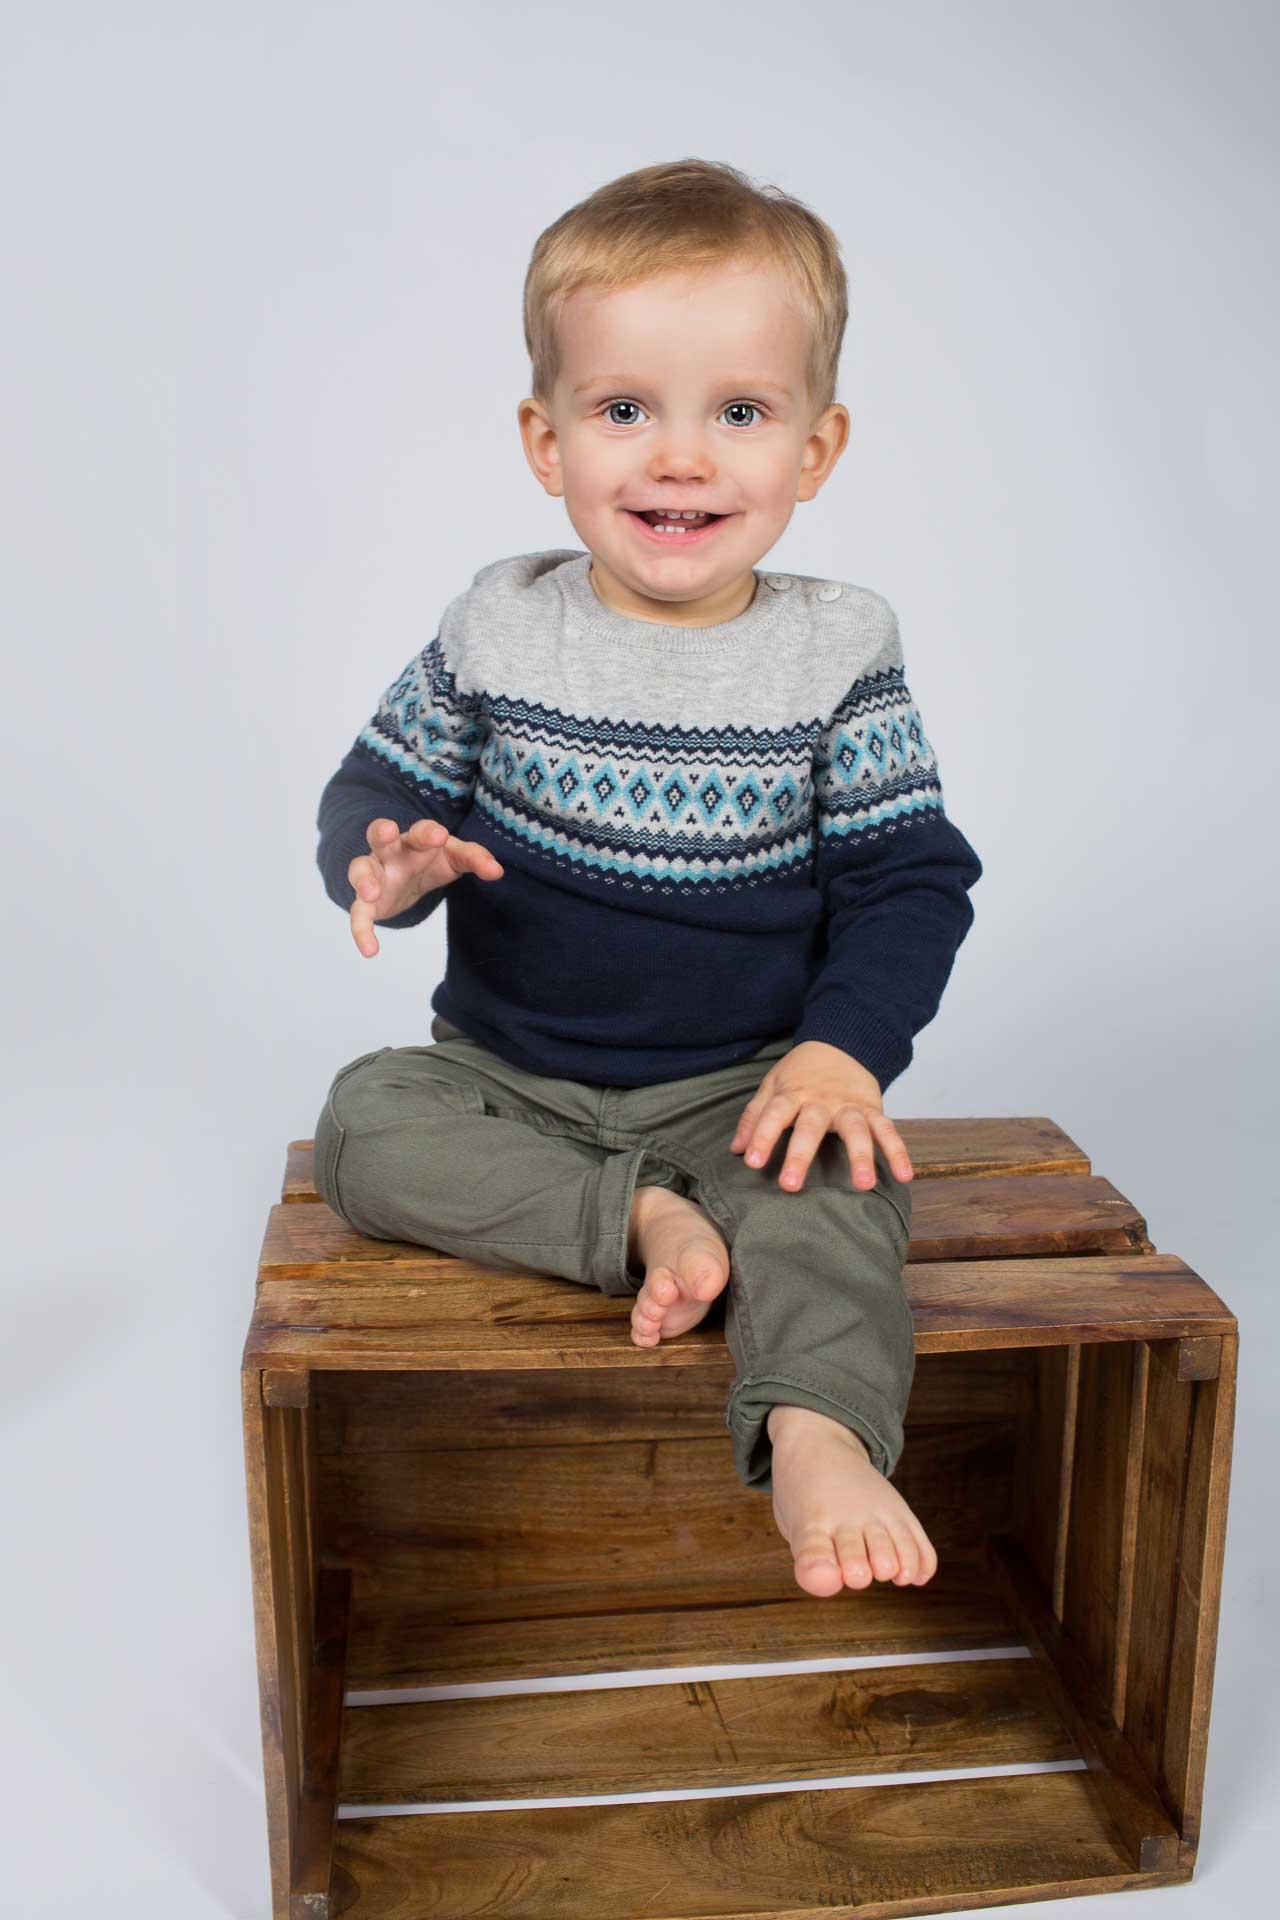 Jeg er en erfaren børne fotograf og mor til 2 dejlige børn